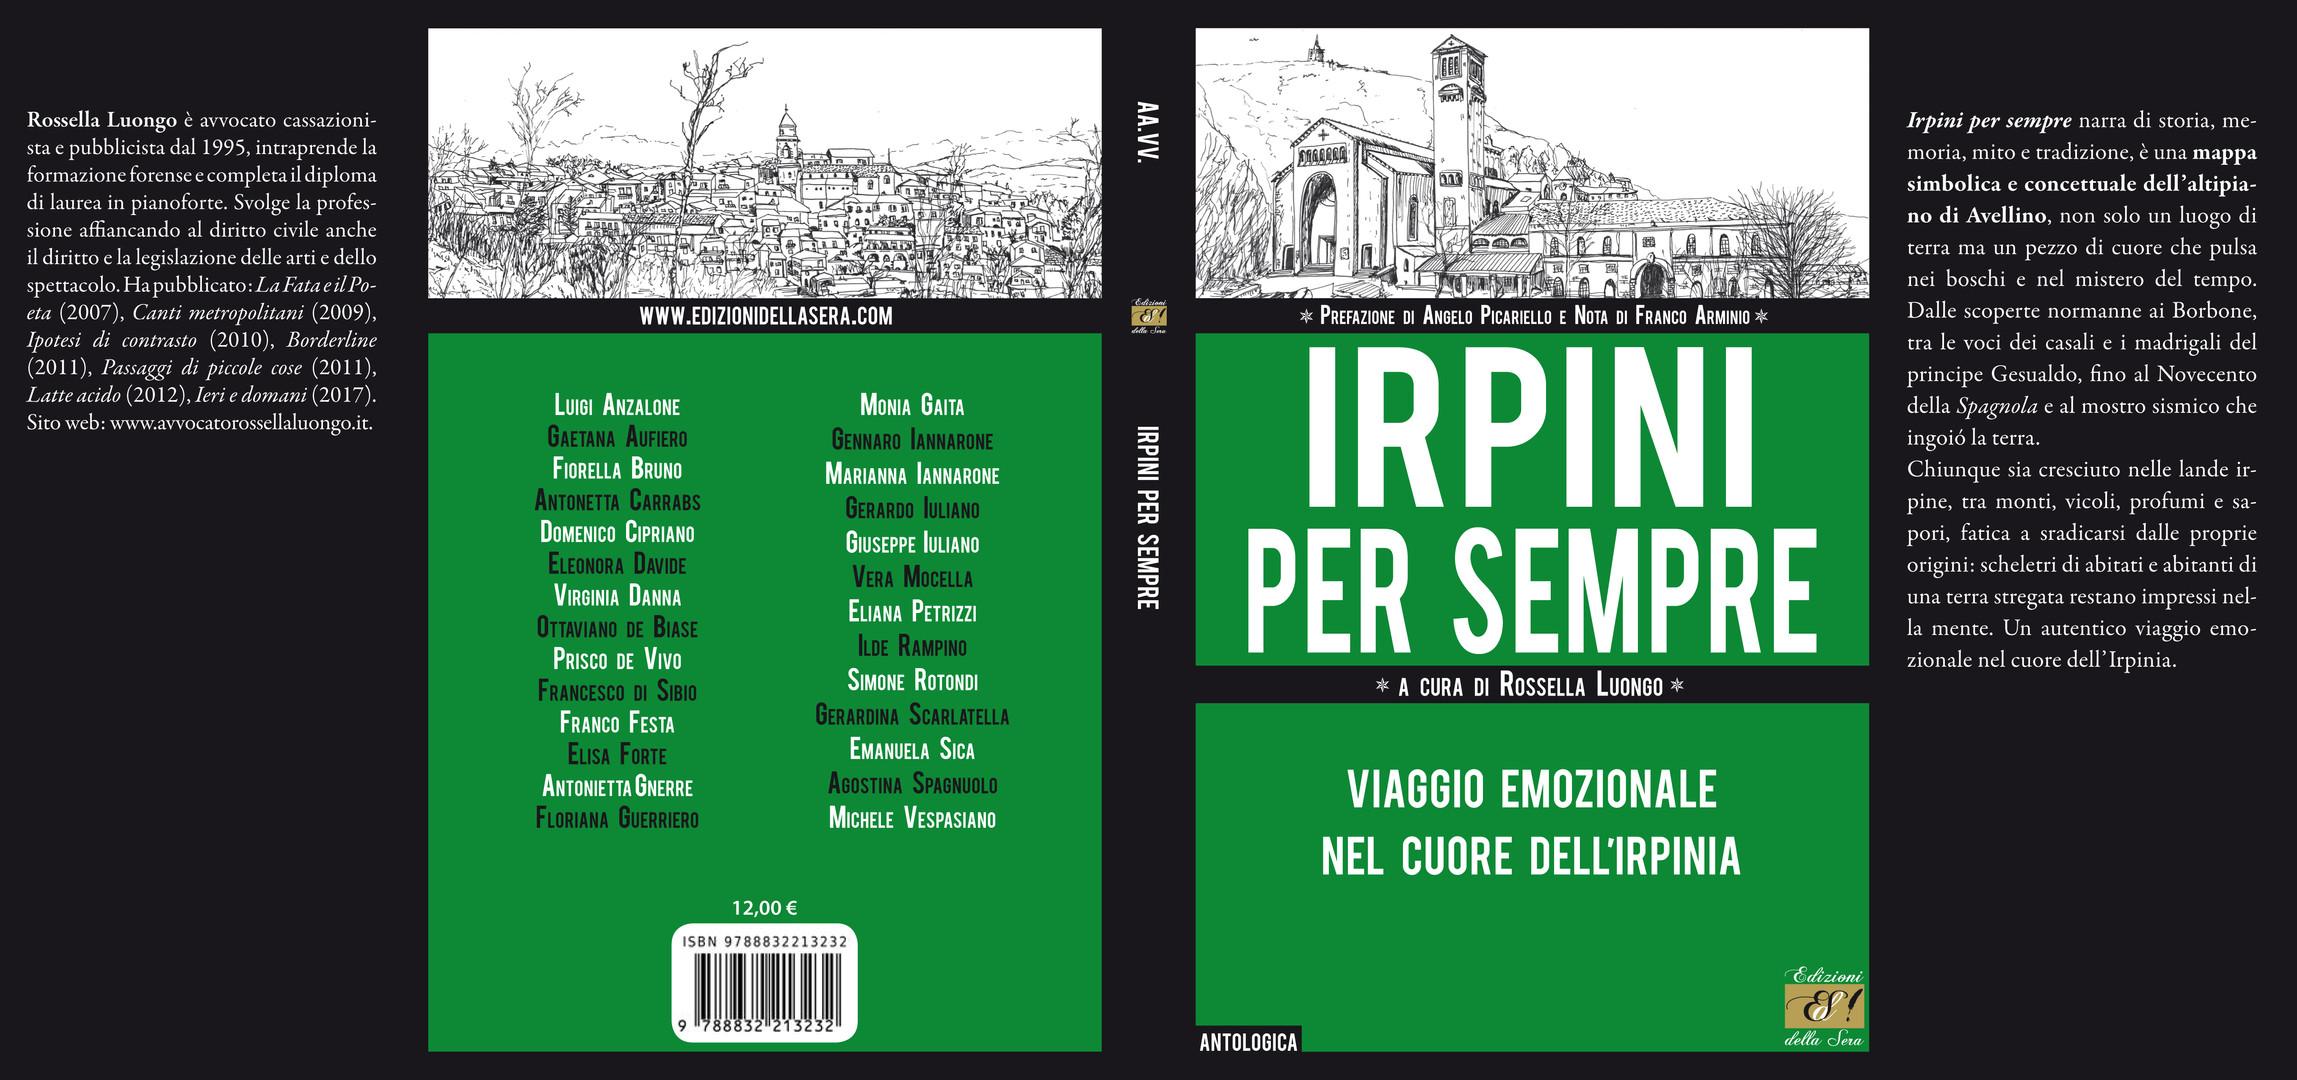 Cop Irpini per sempre_.jpg